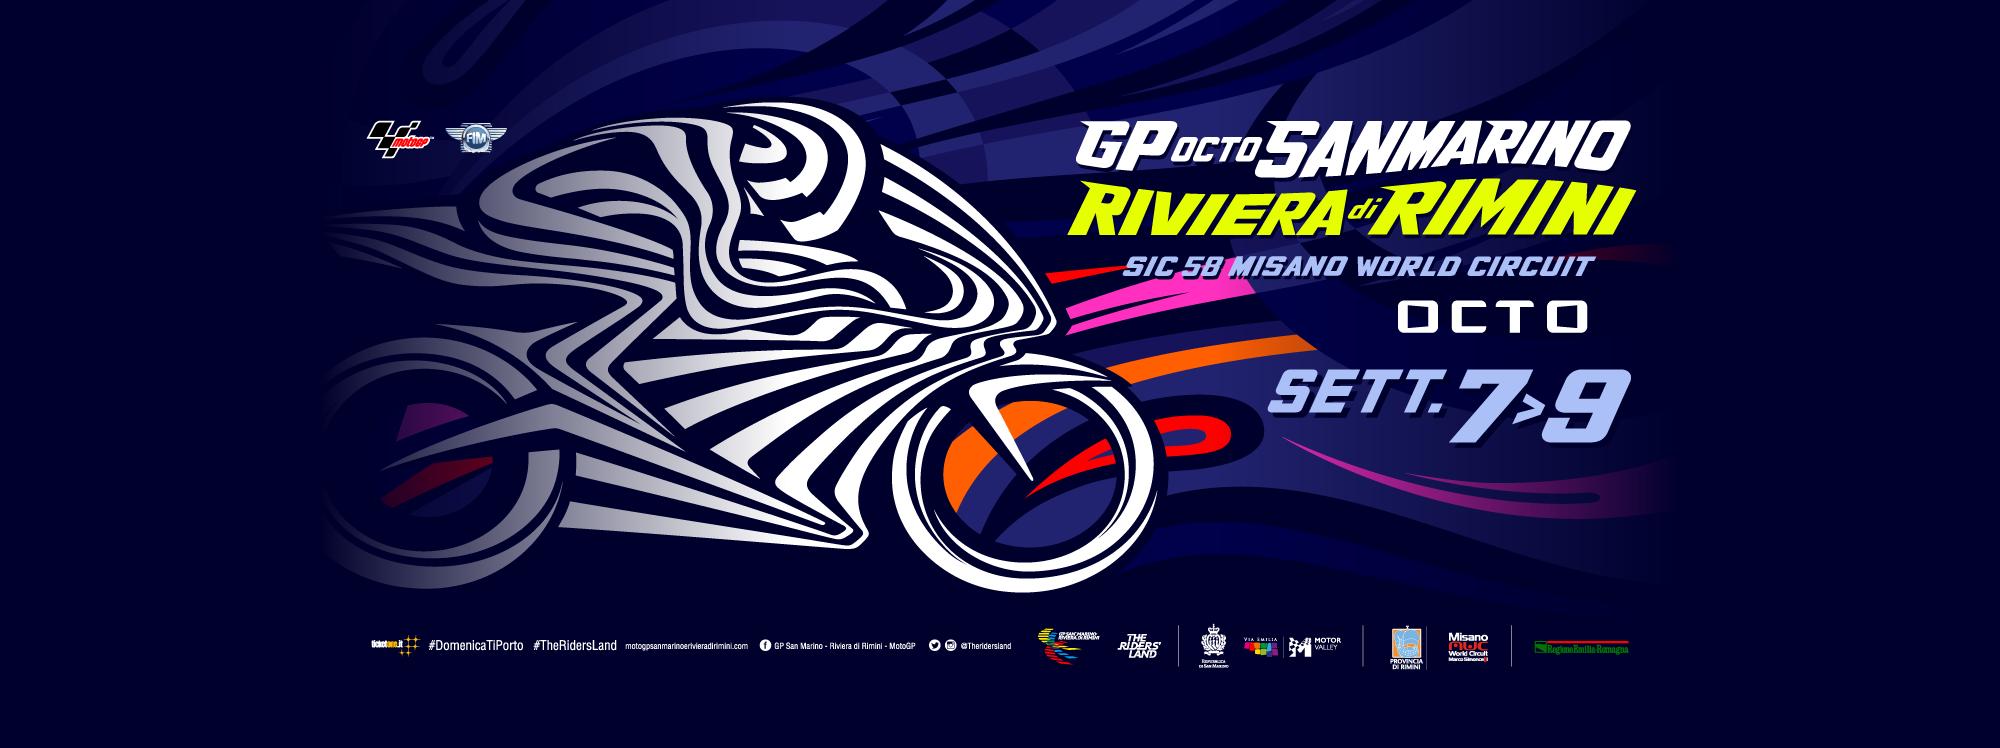 Gran Premio Octo di San Marino e della Riviera di Rimini – Horario Mundial / World Schedule / Orari Universali